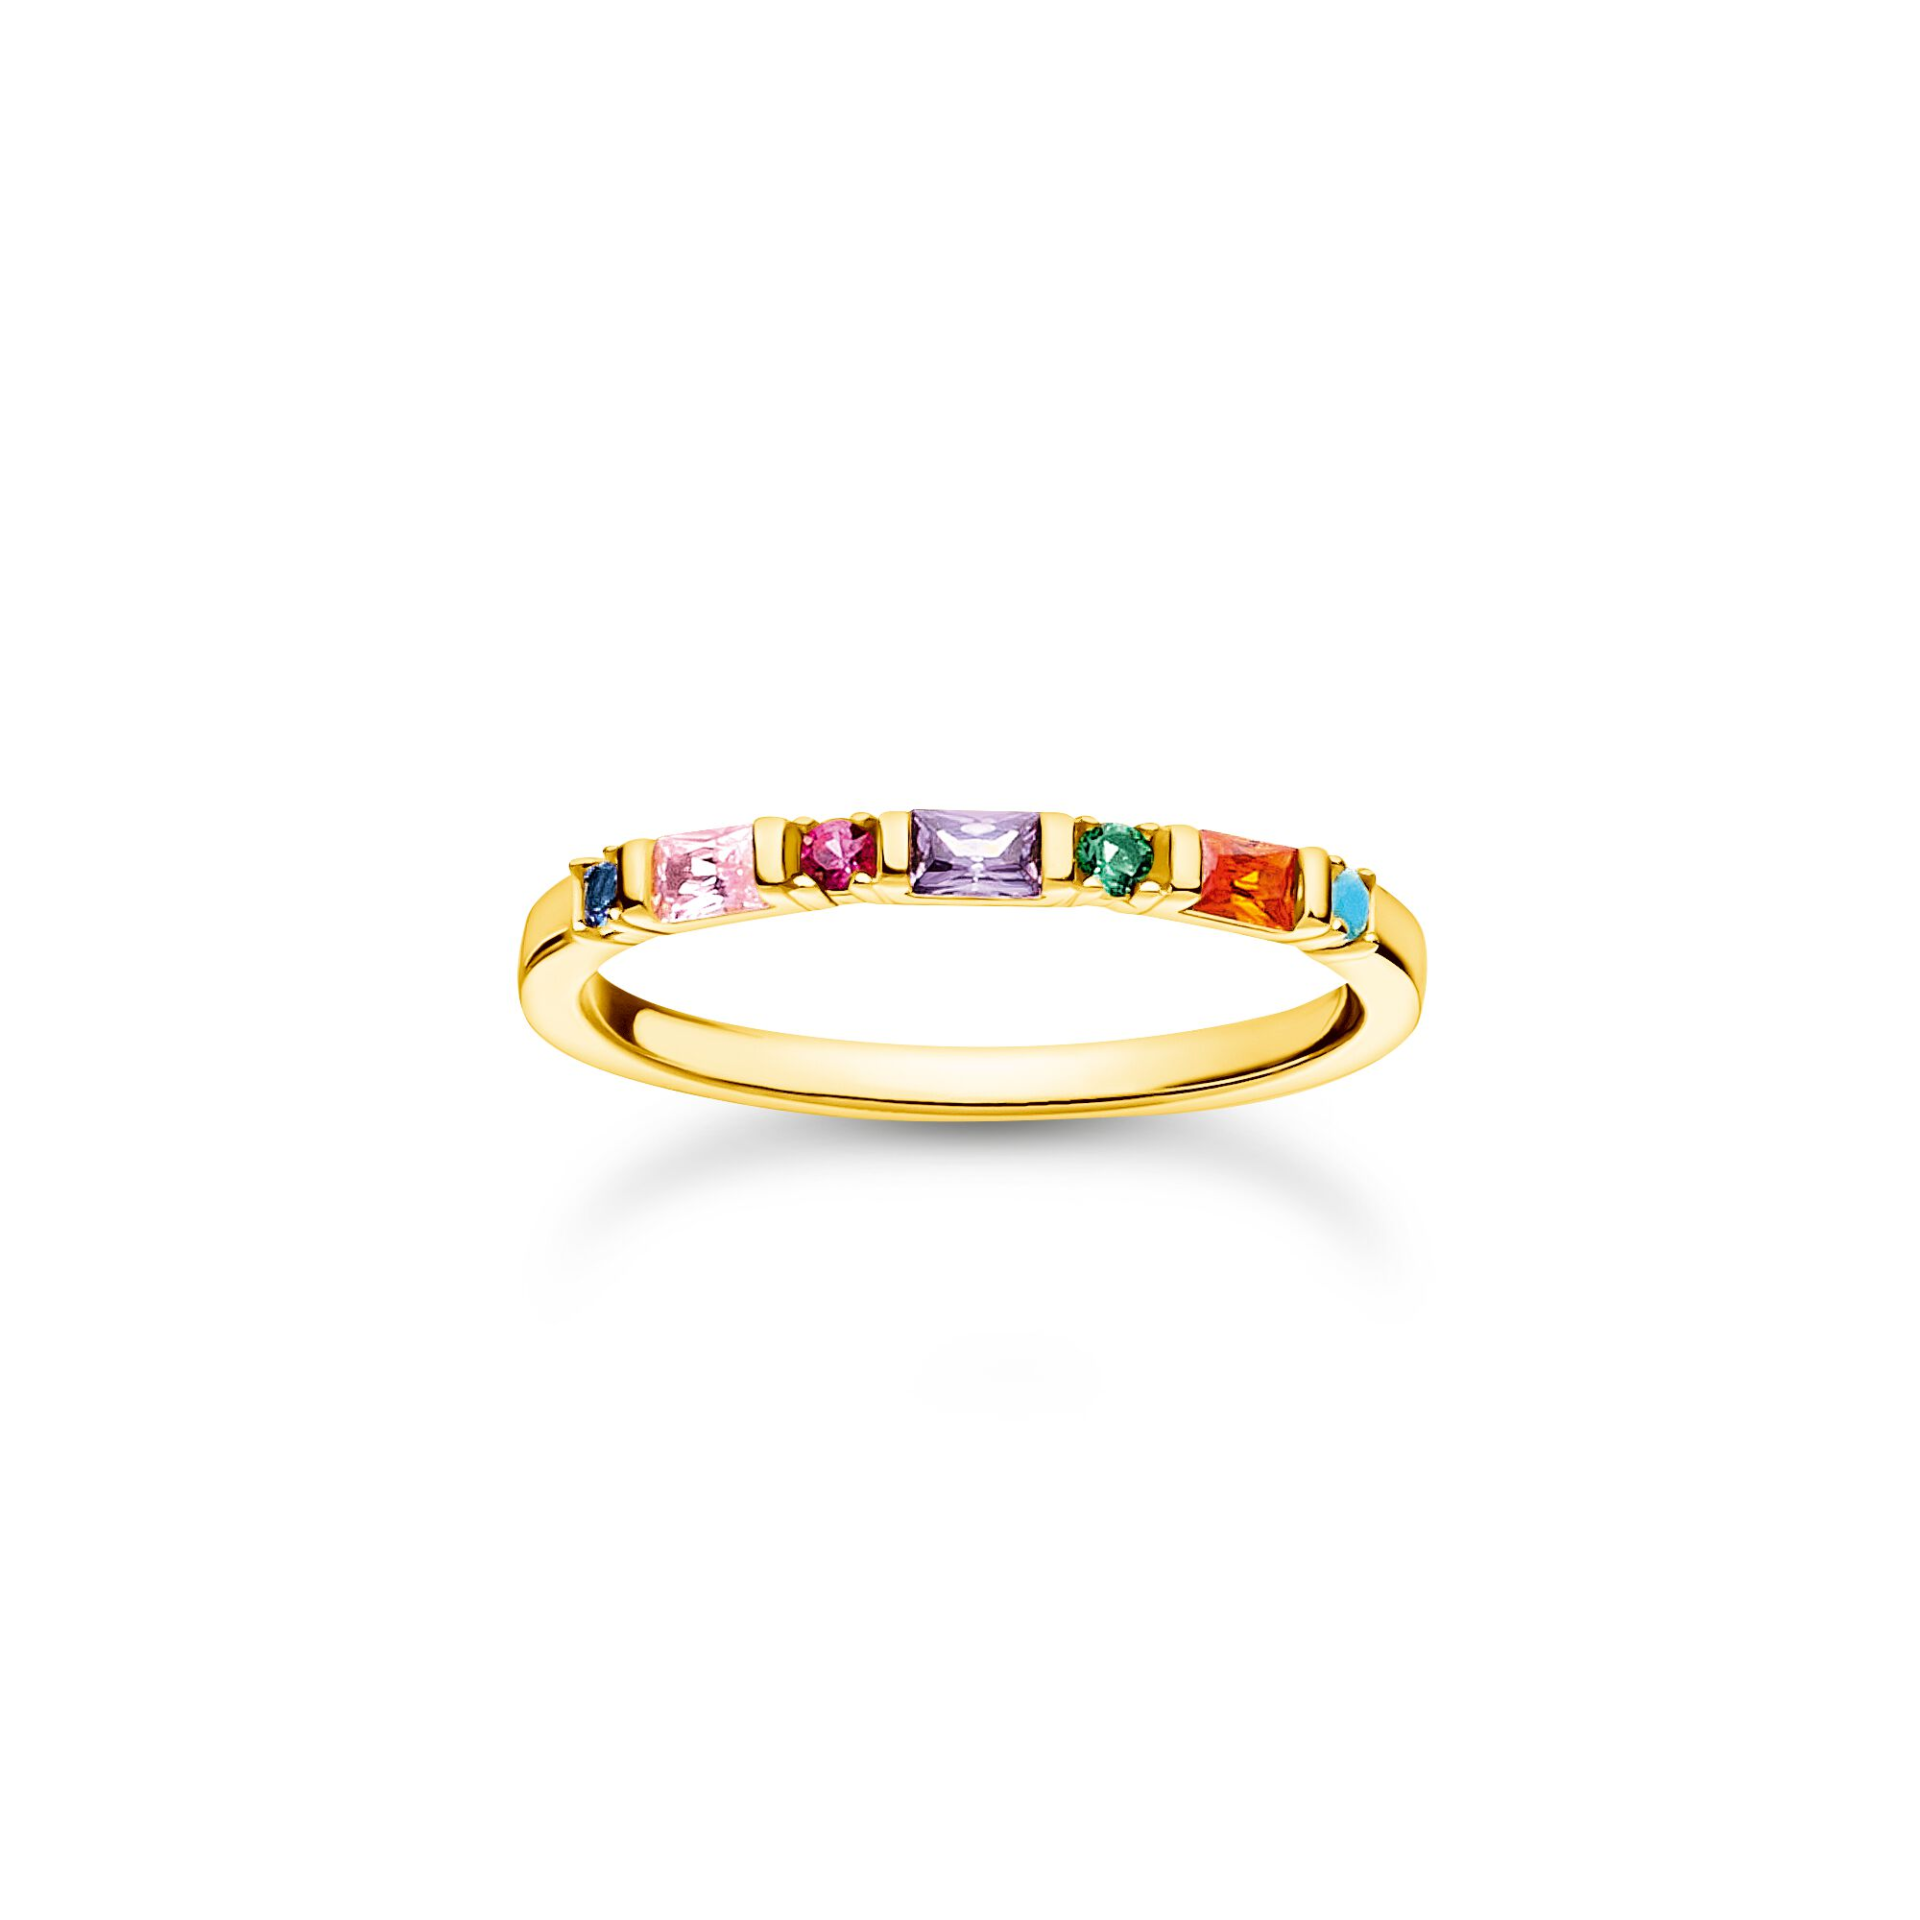 Bague pierres colorées er or, Thomas Sabo